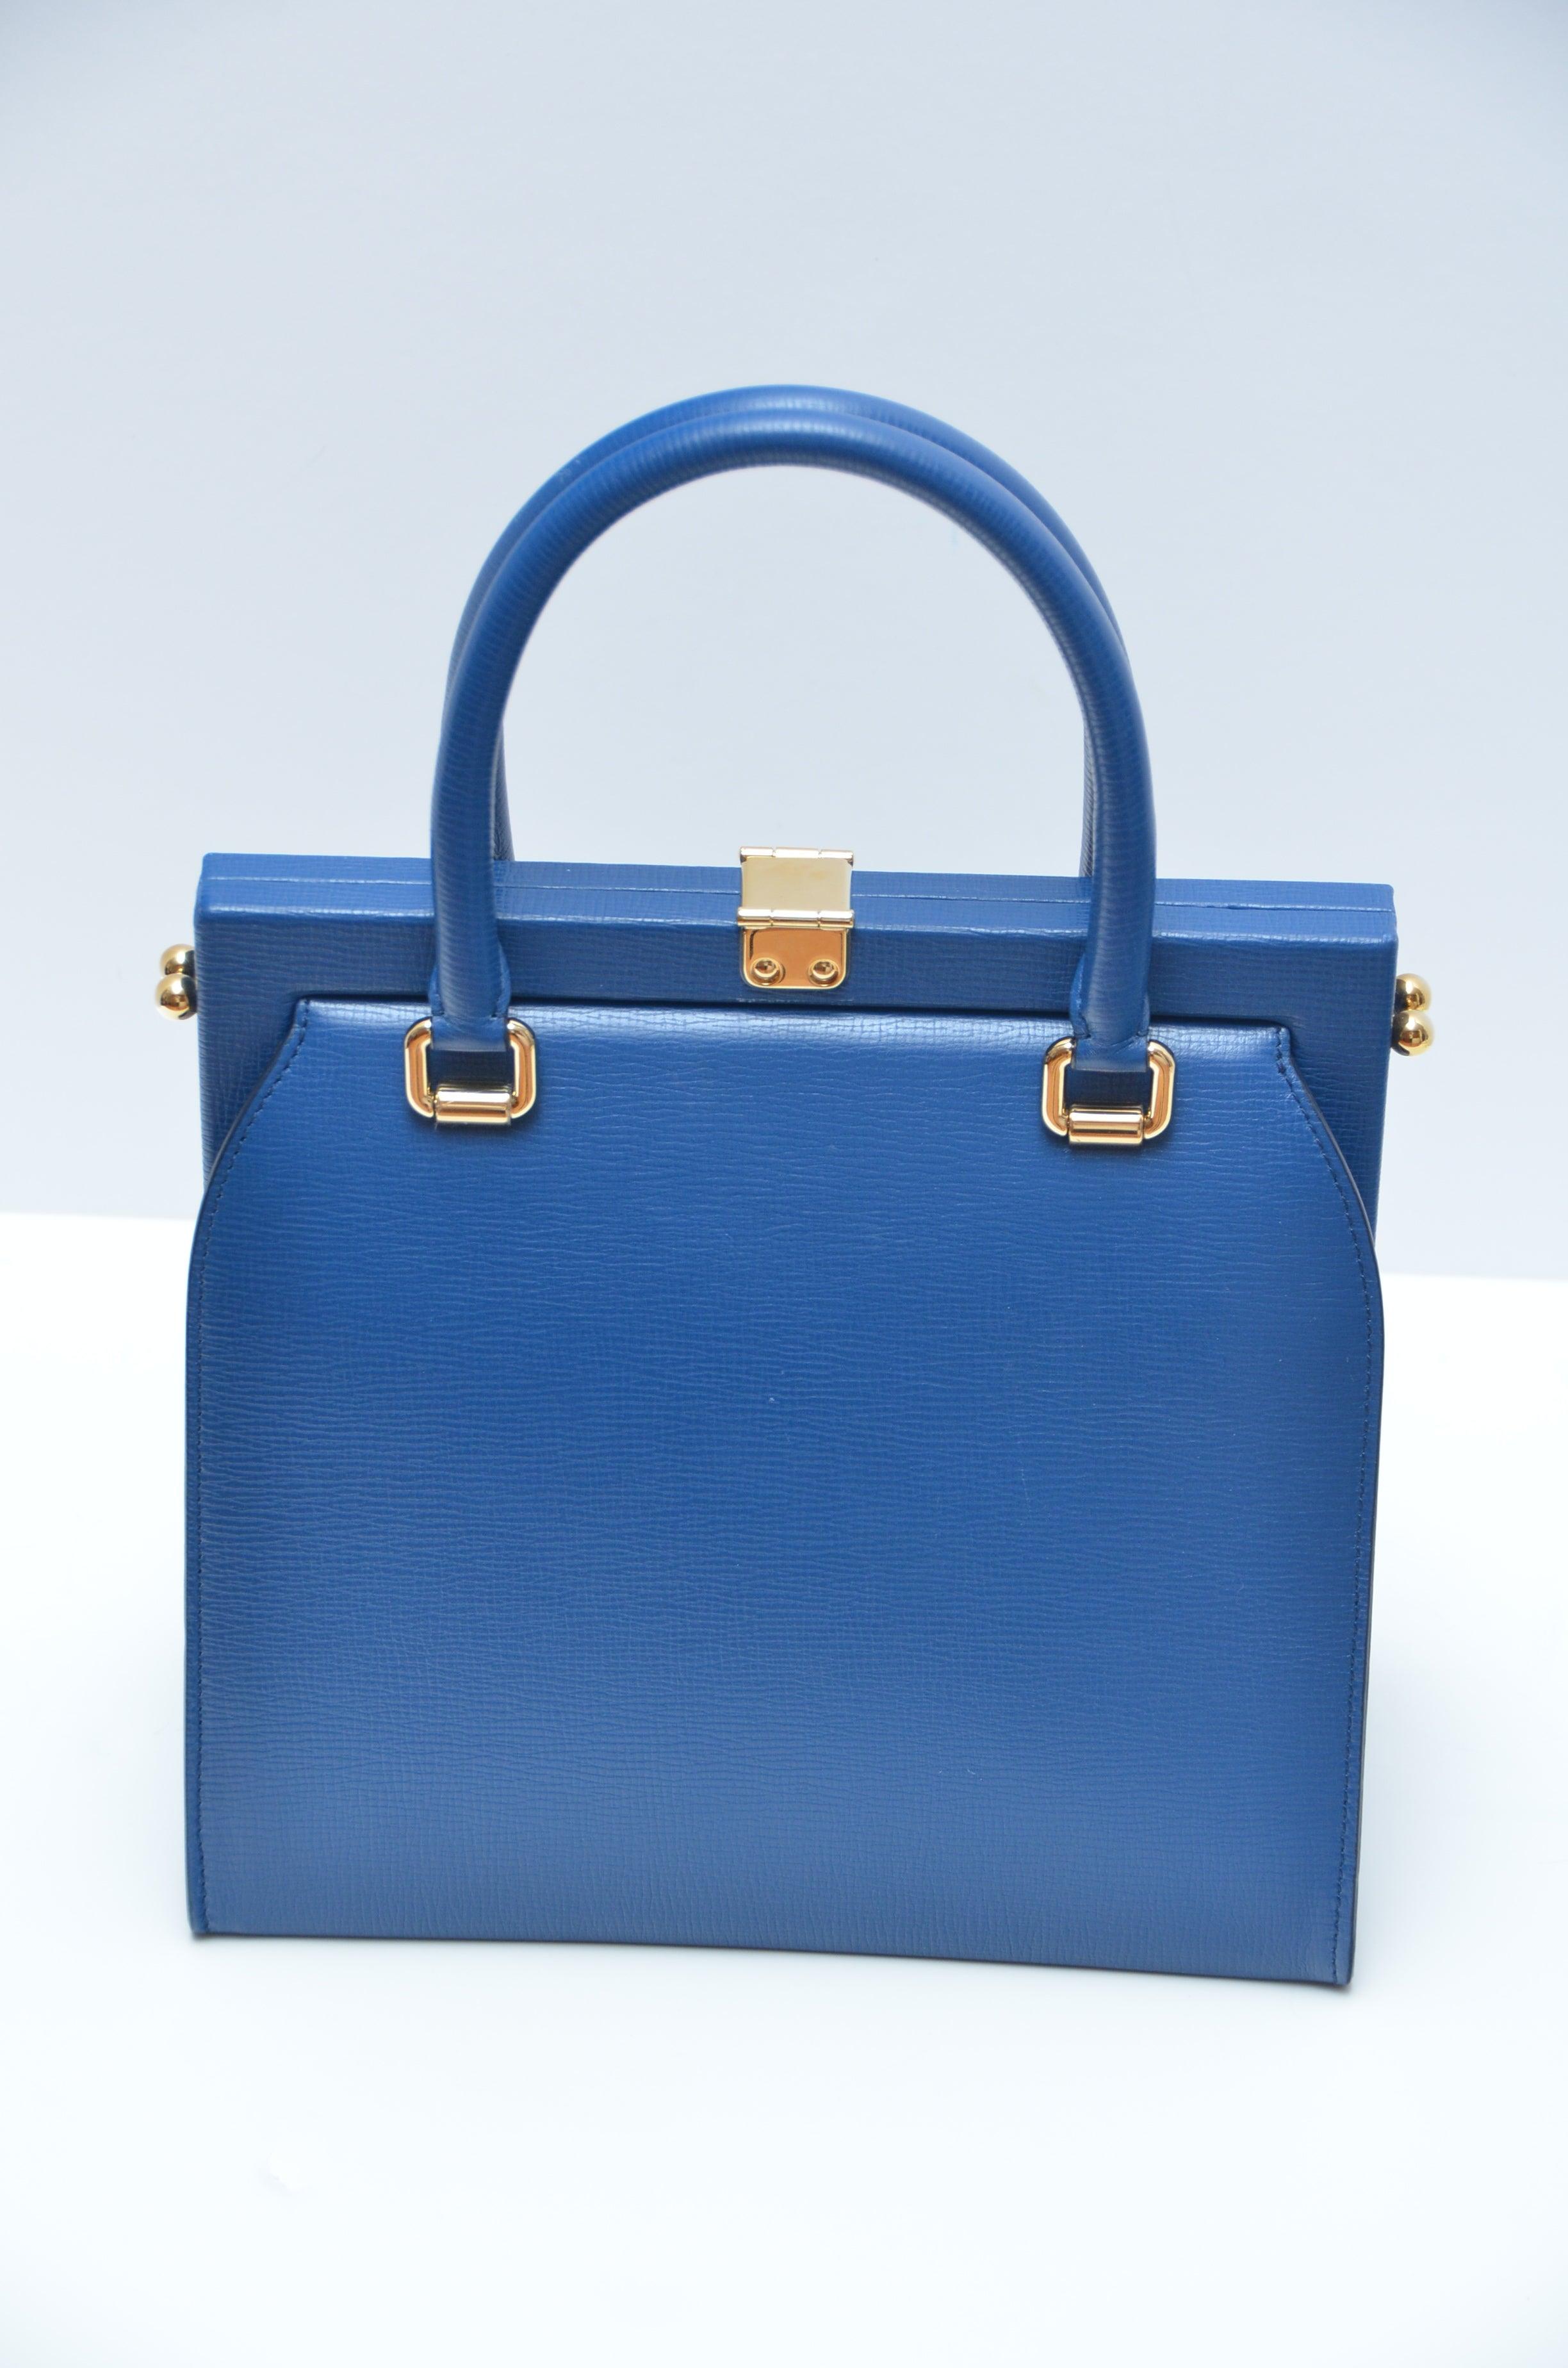 d99f661fb1 Rare Dolce and Gabbana Pegasus Pomellato Runway Handbag NEW at 1stdibs